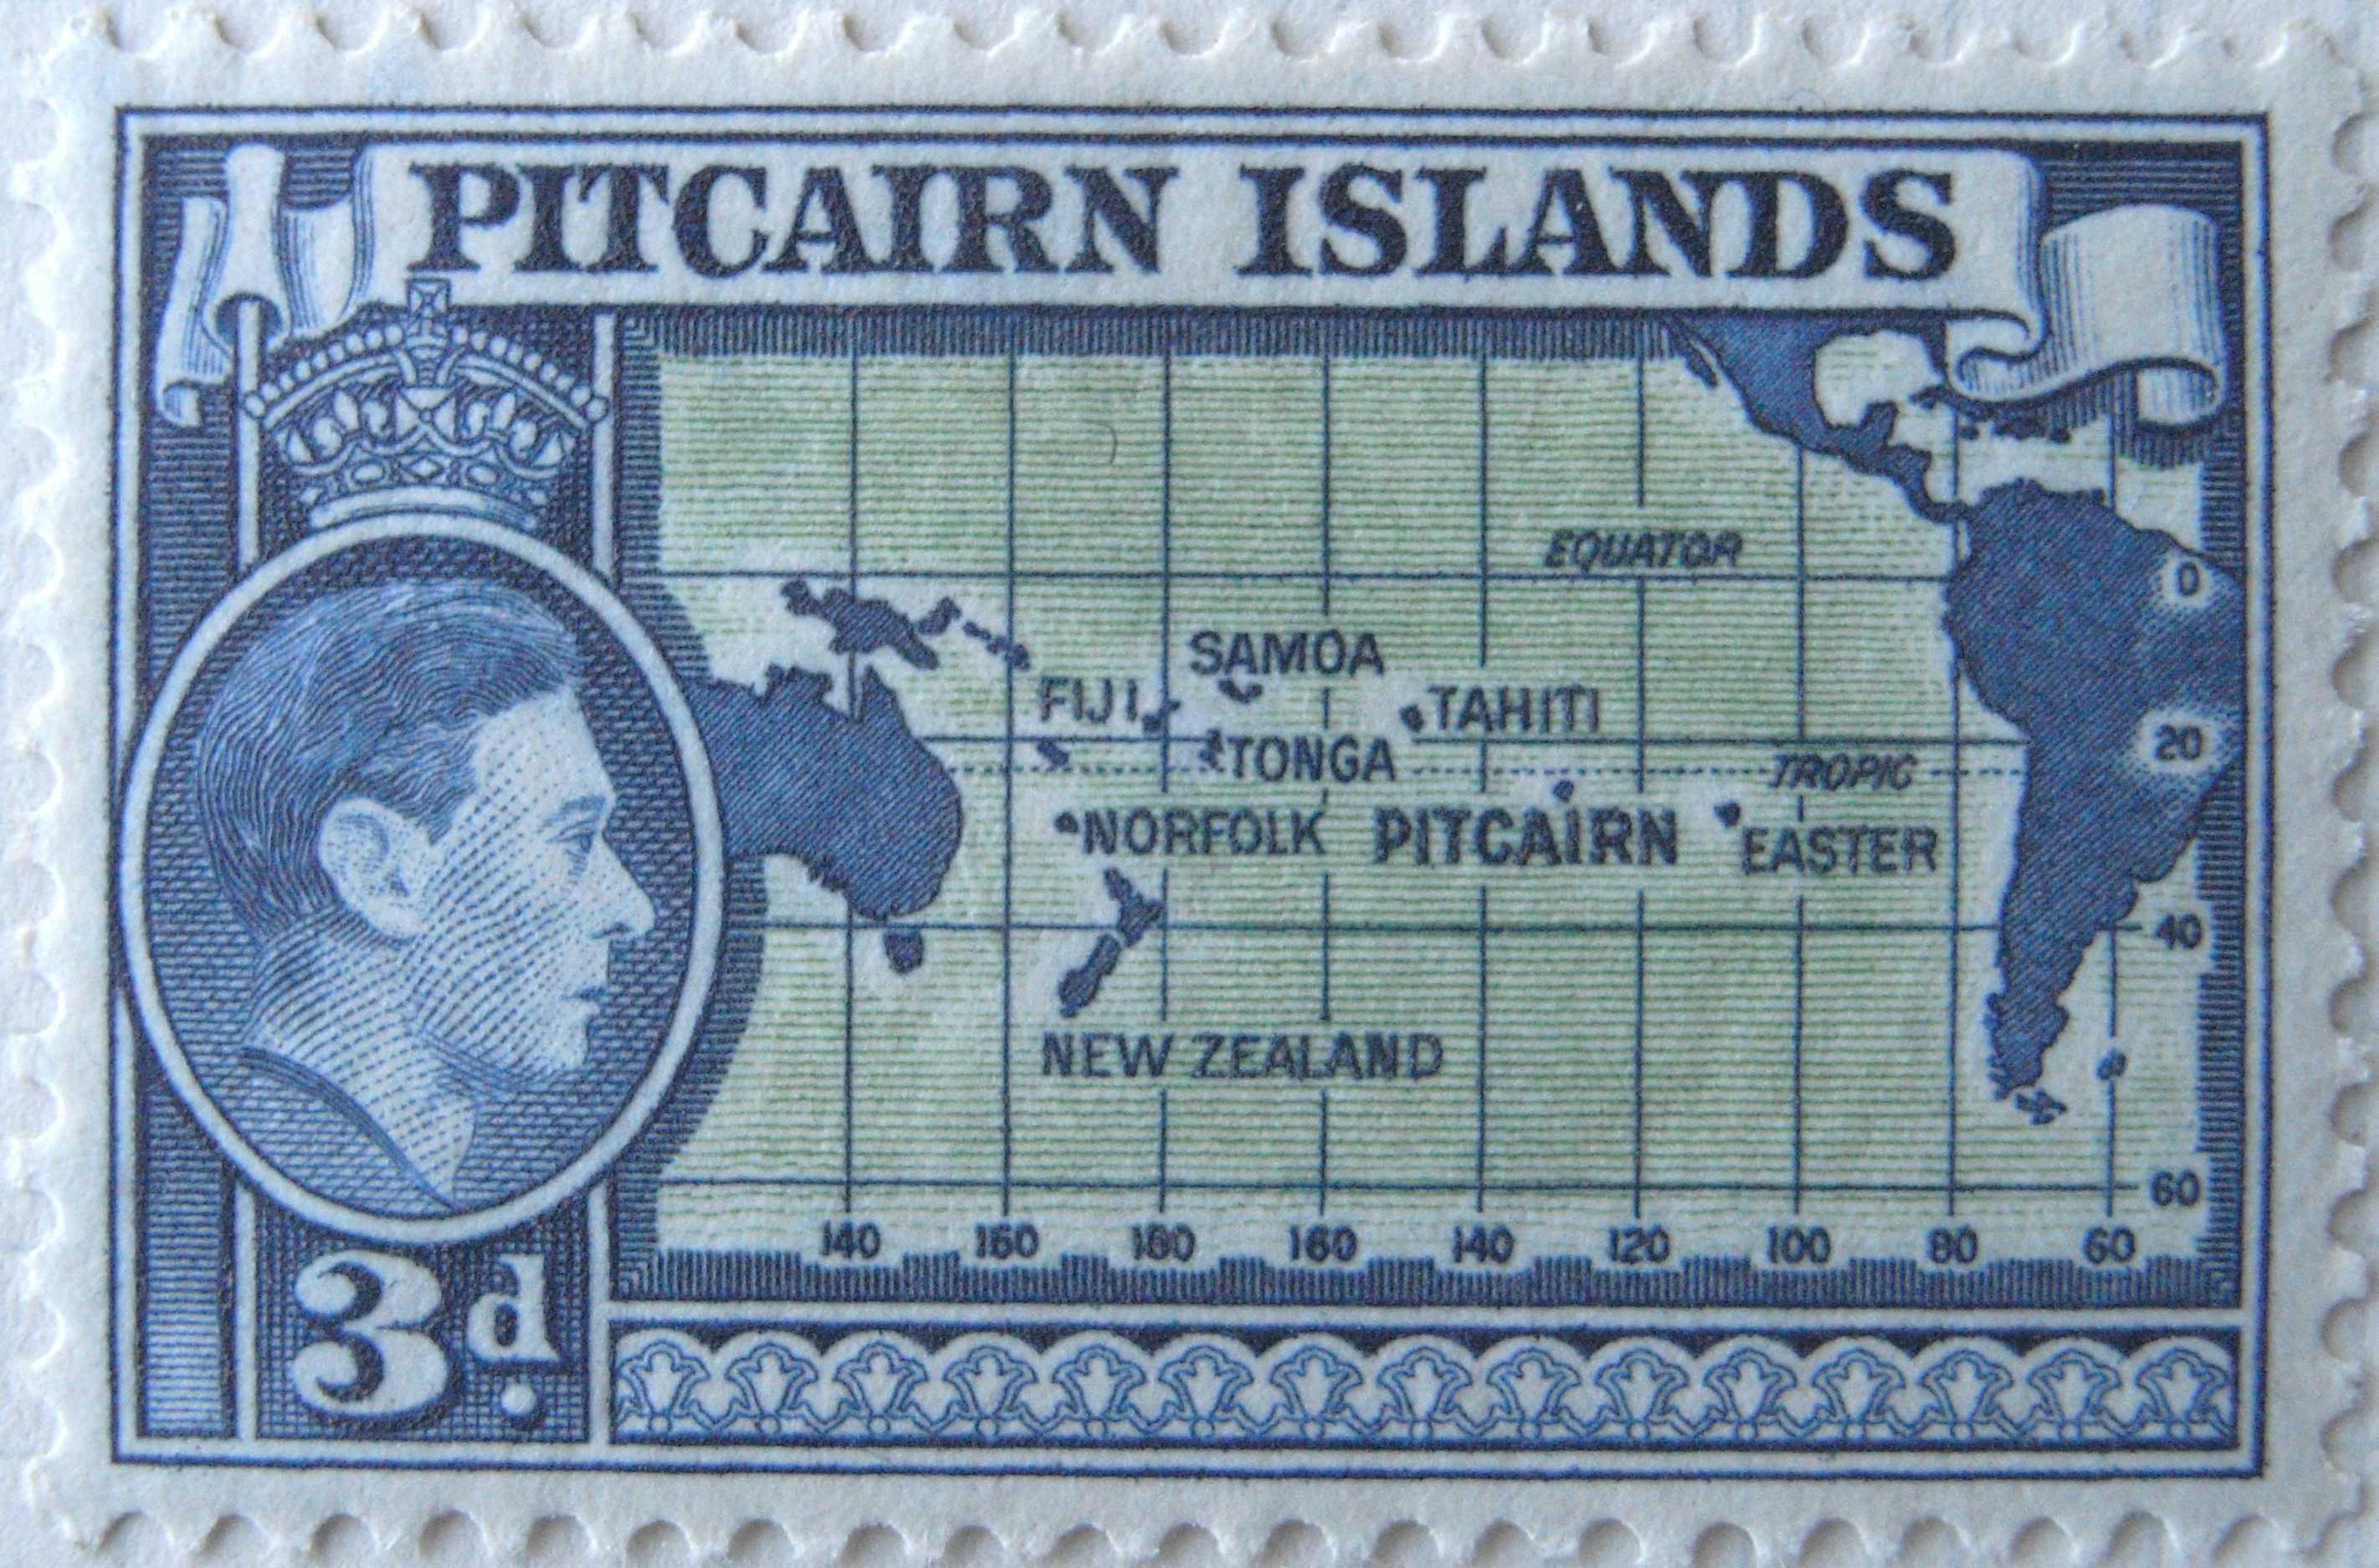 Stamp pitcairn islands 3d.jpg